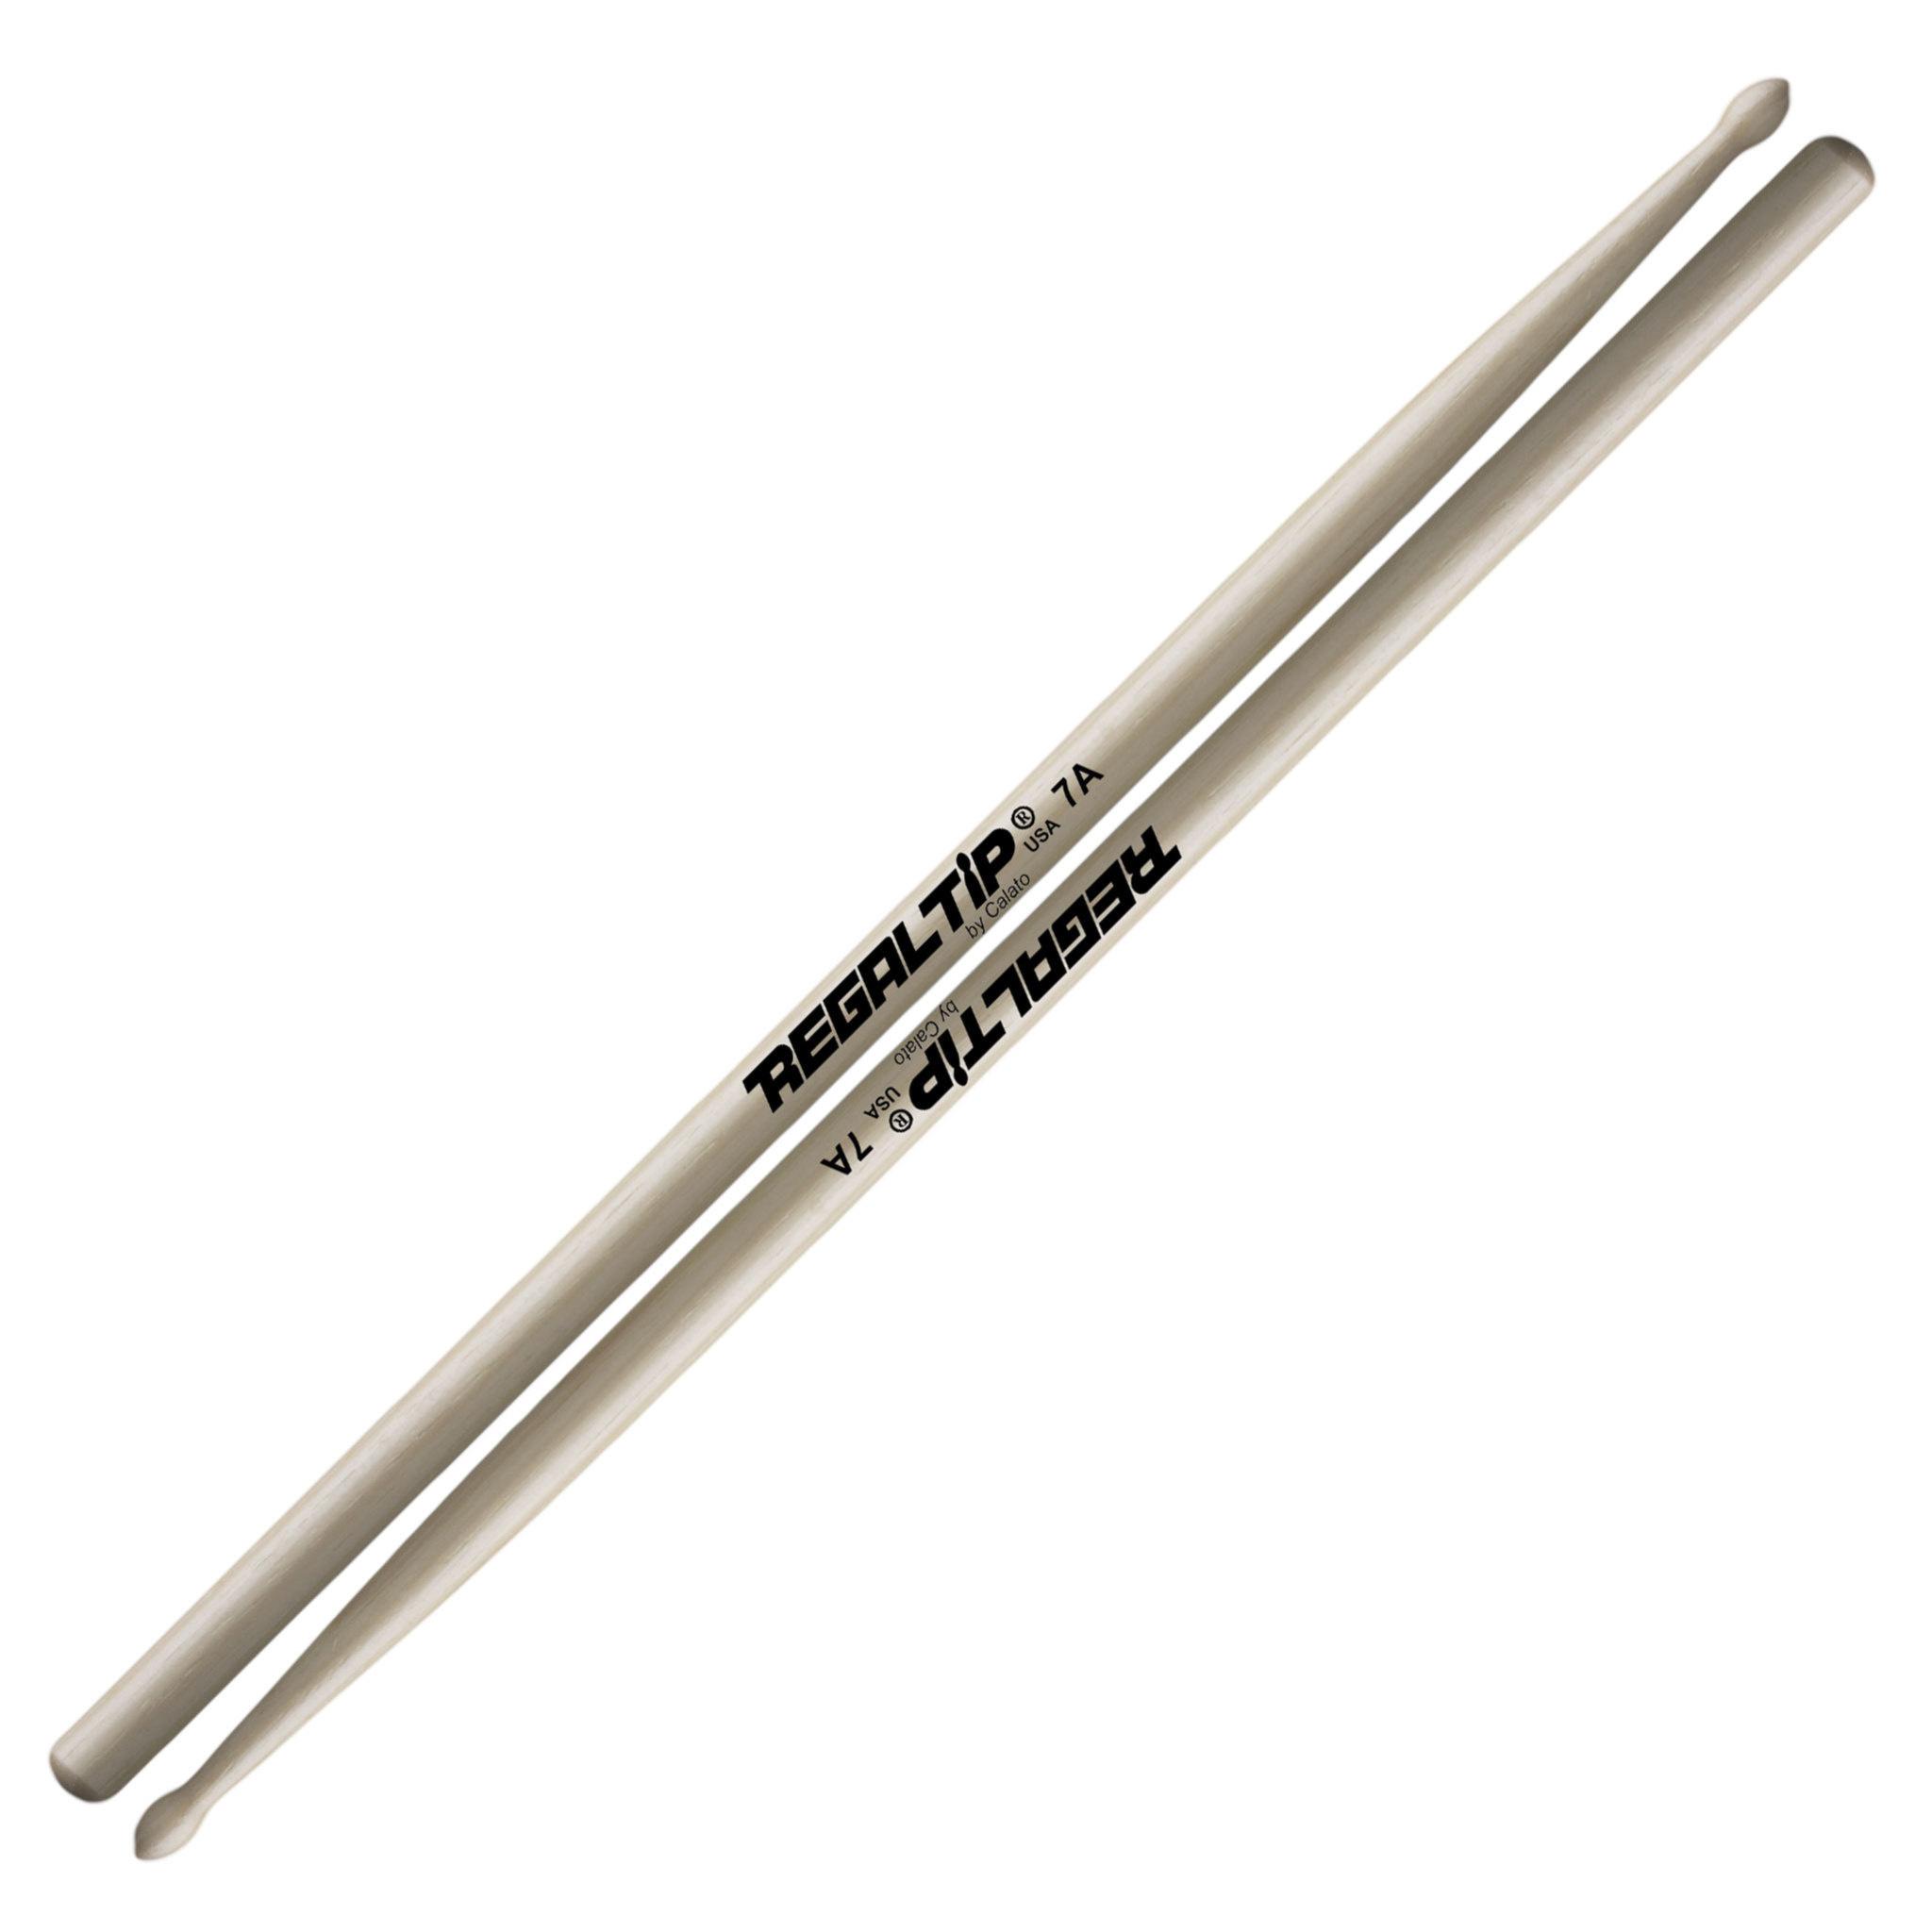 Regal Tip Regal Tip 7A Drumstick Hickory